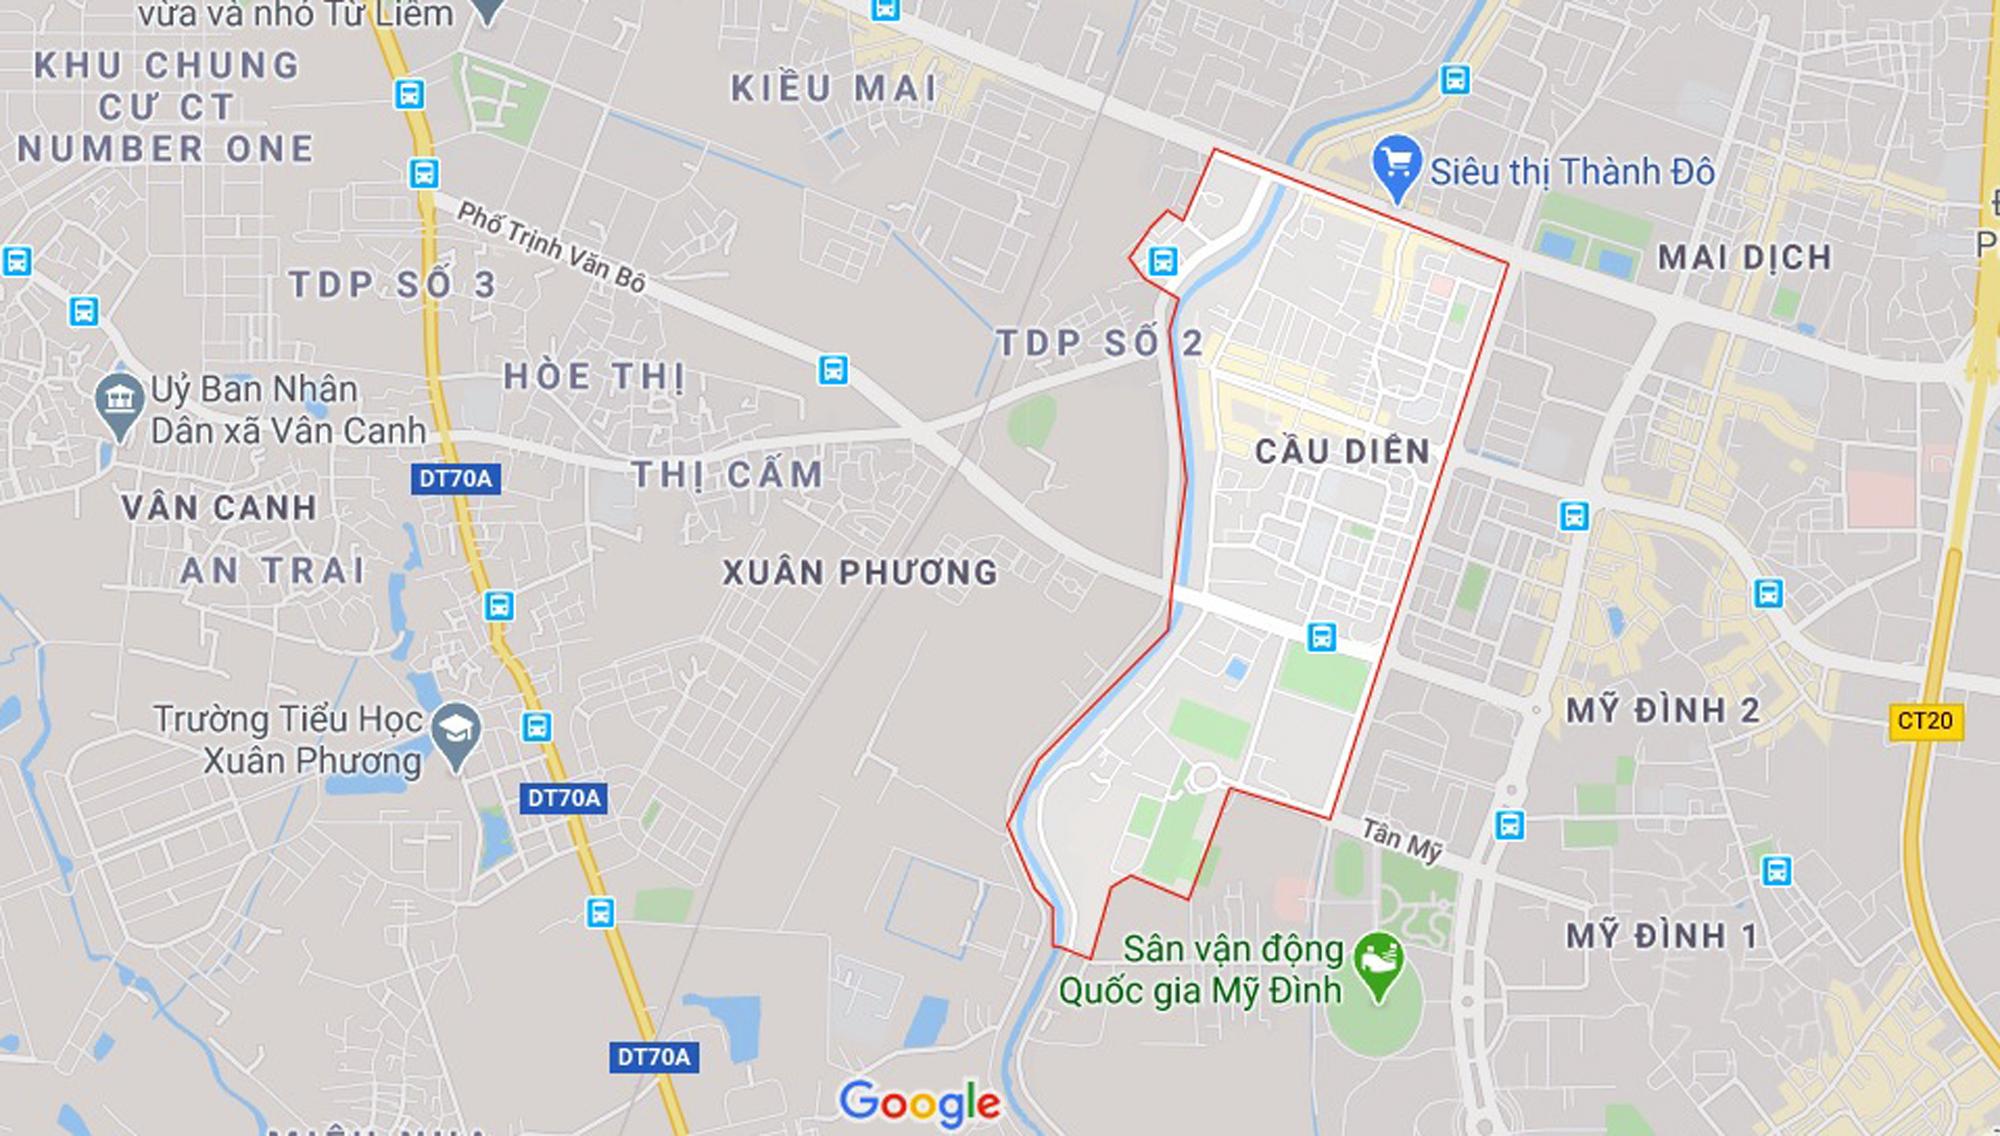 Ba đường sẽ mở theo qui hoạch ở phường Cầu Diễn, Nam Từ Liêm, Hà Nội - Ảnh 1.